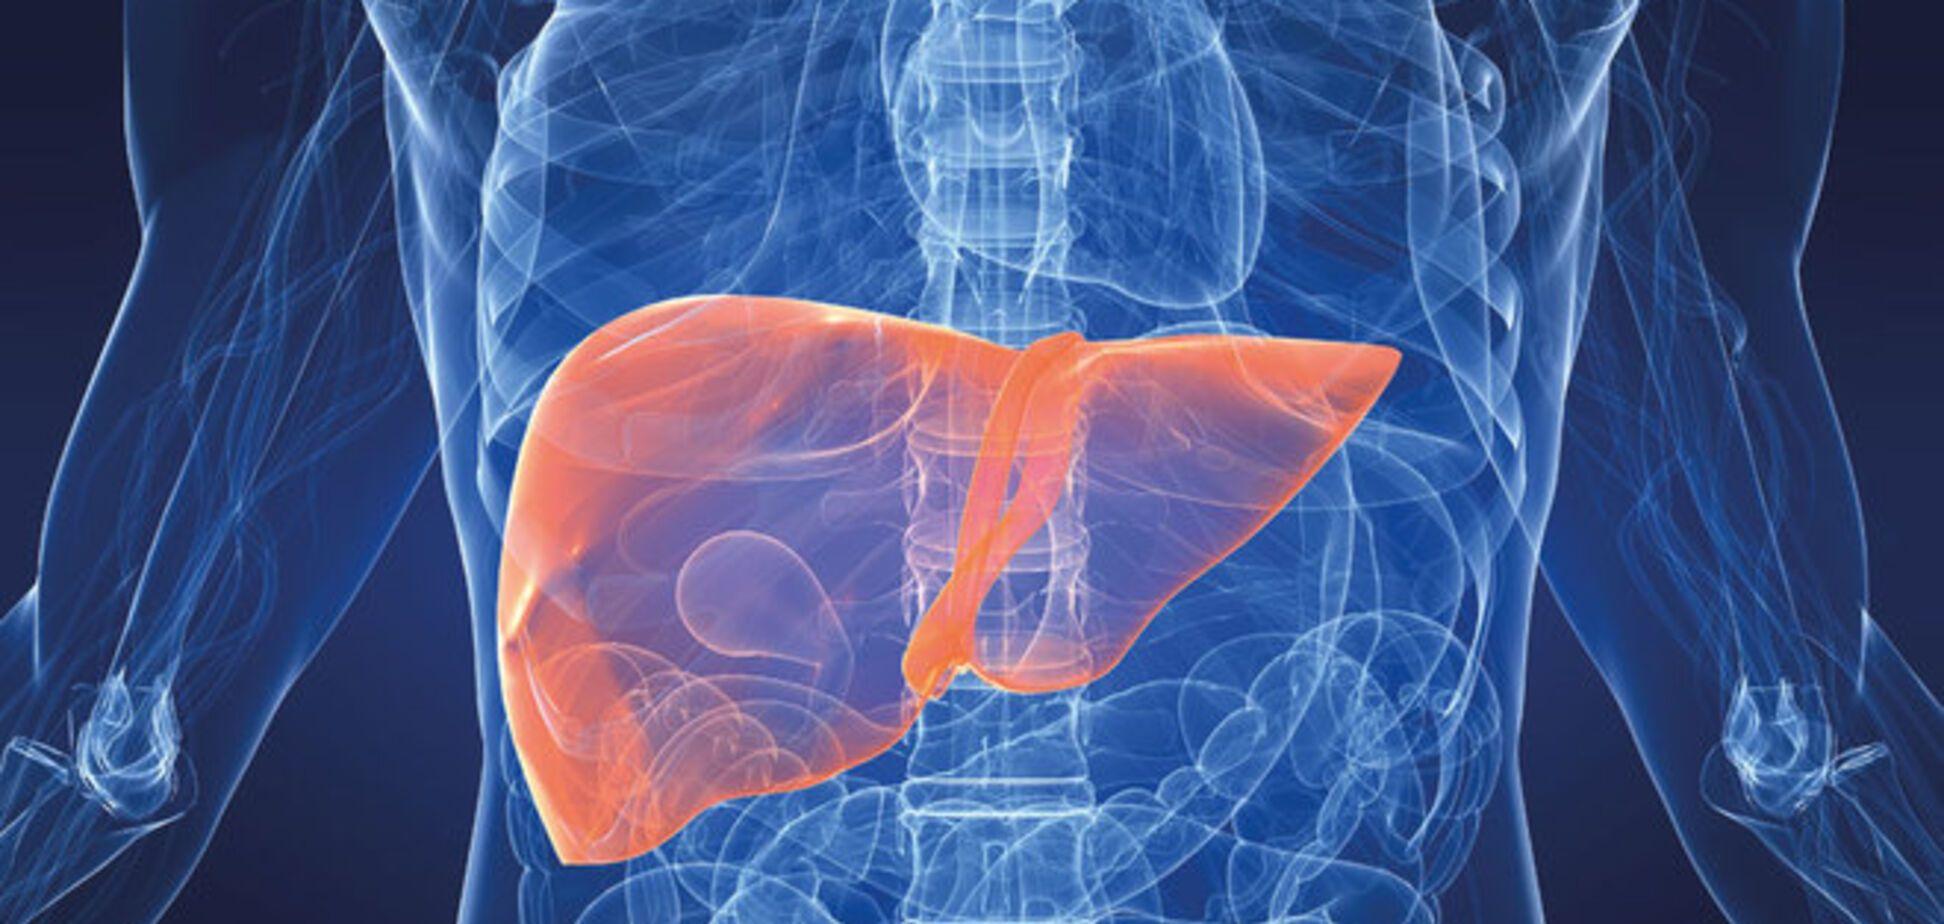 Разные способы очистка печени и желудочно-кишечного тракта